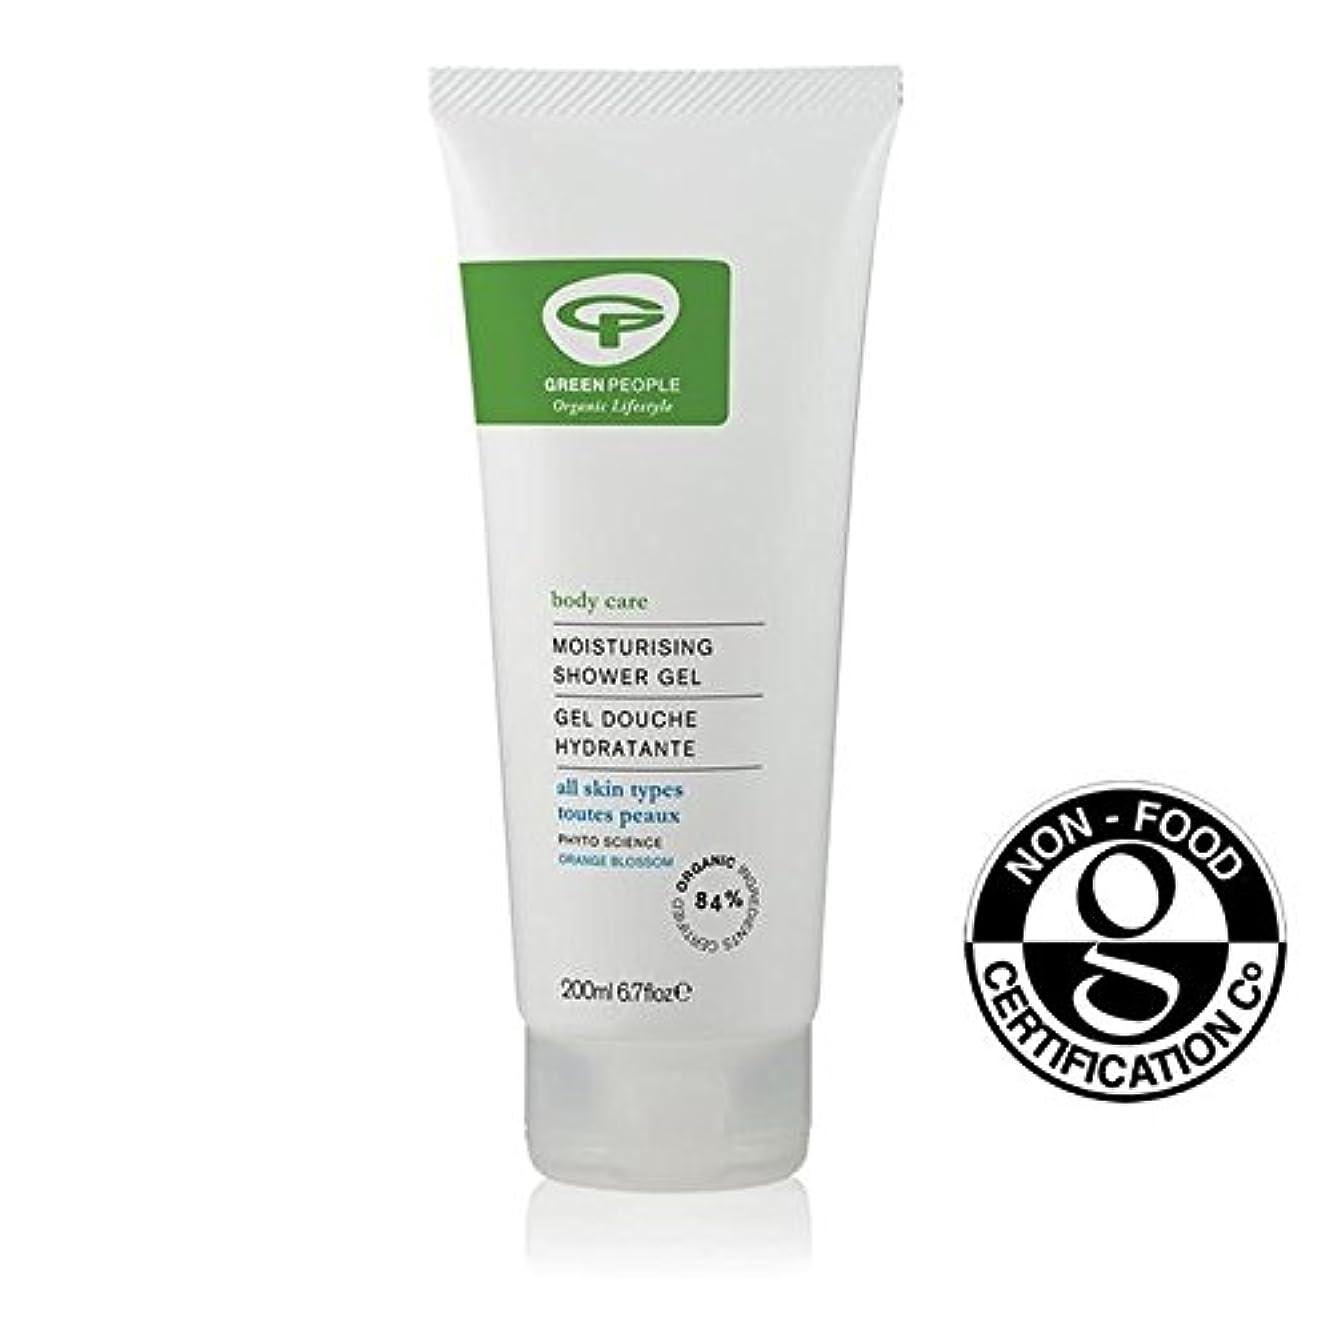 ハドル松明レザー緑の人々の有機保湿シャワージェル200 x4 - Green People Organic Moisturising Shower Gel 200ml (Pack of 4) [並行輸入品]